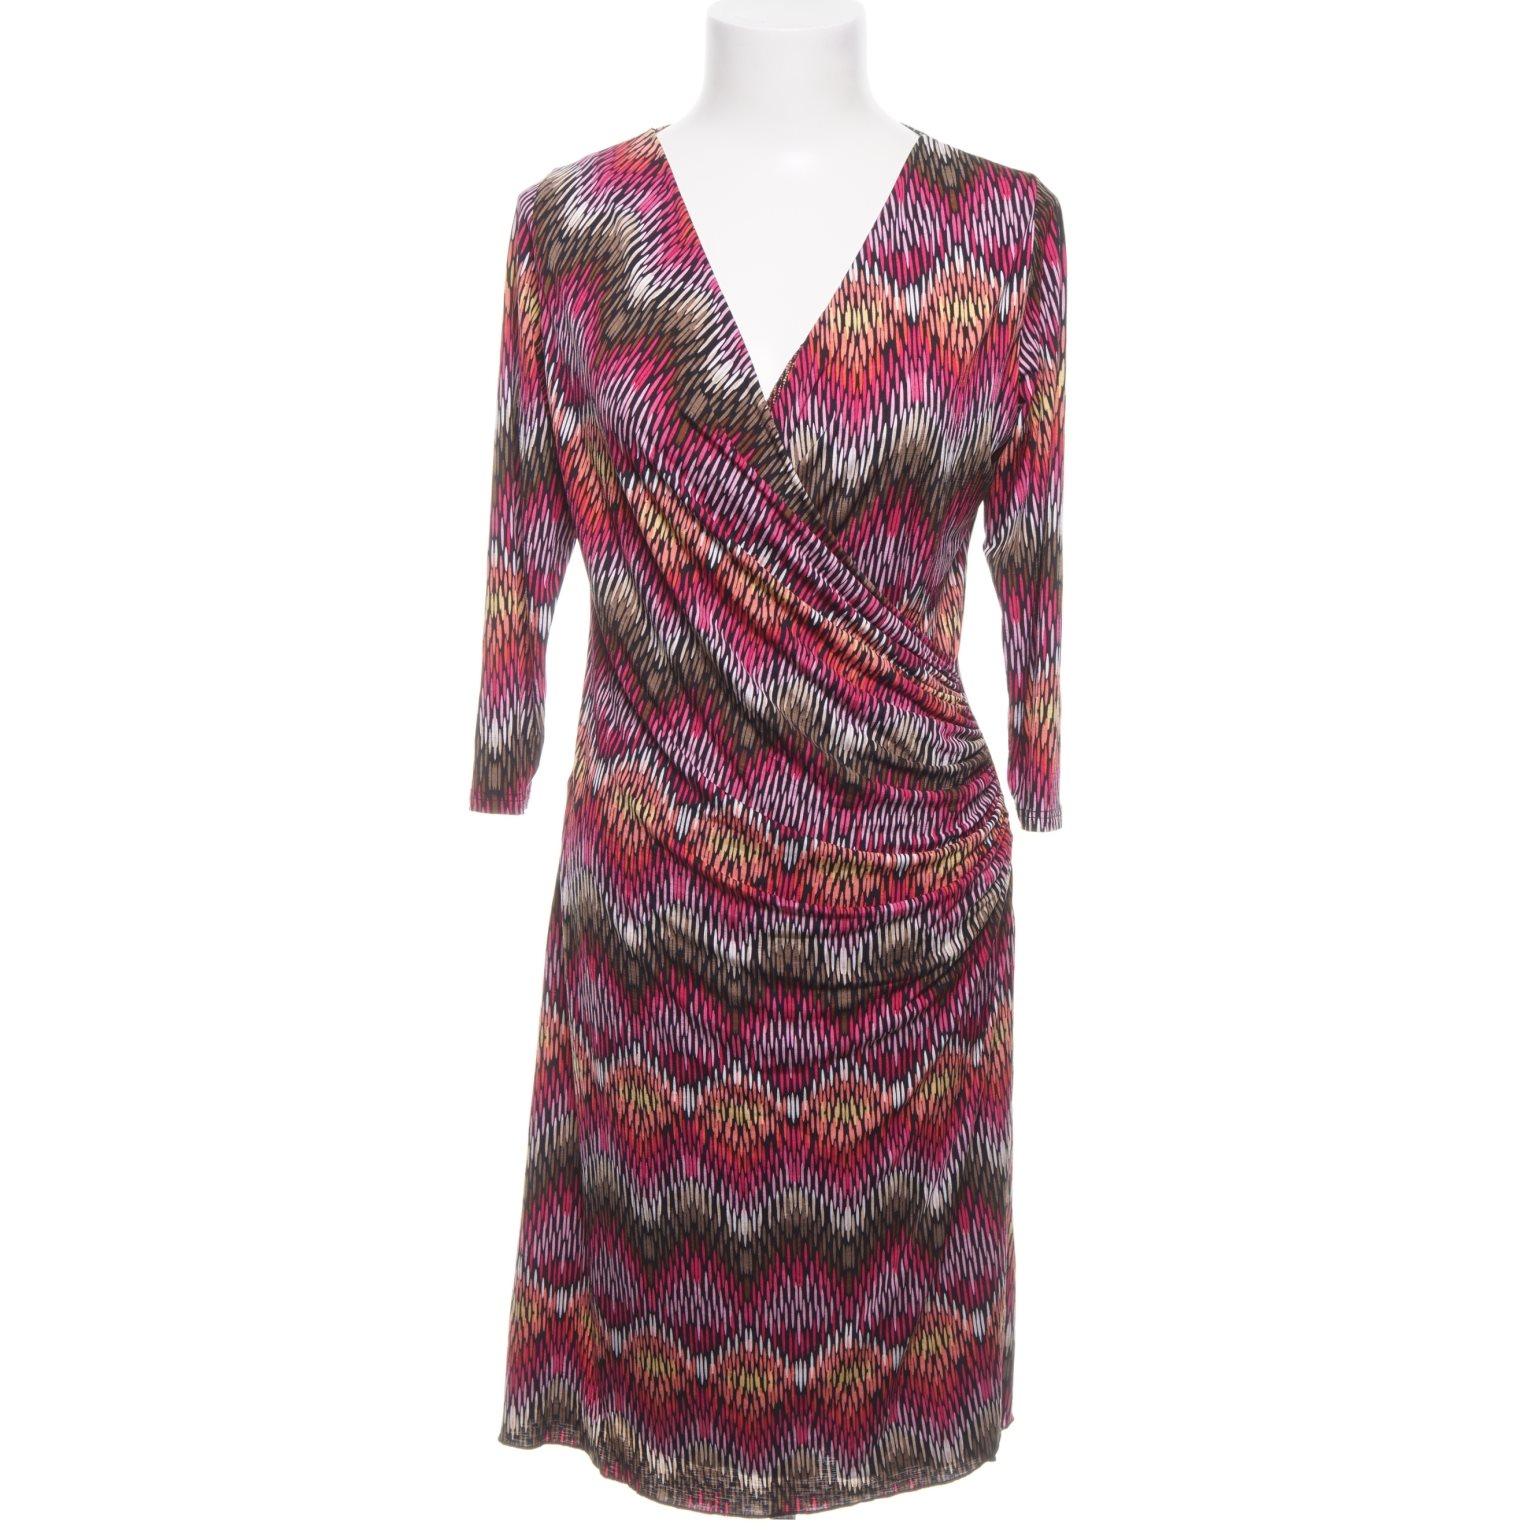 c99815417ecc Camilla thulin klänning